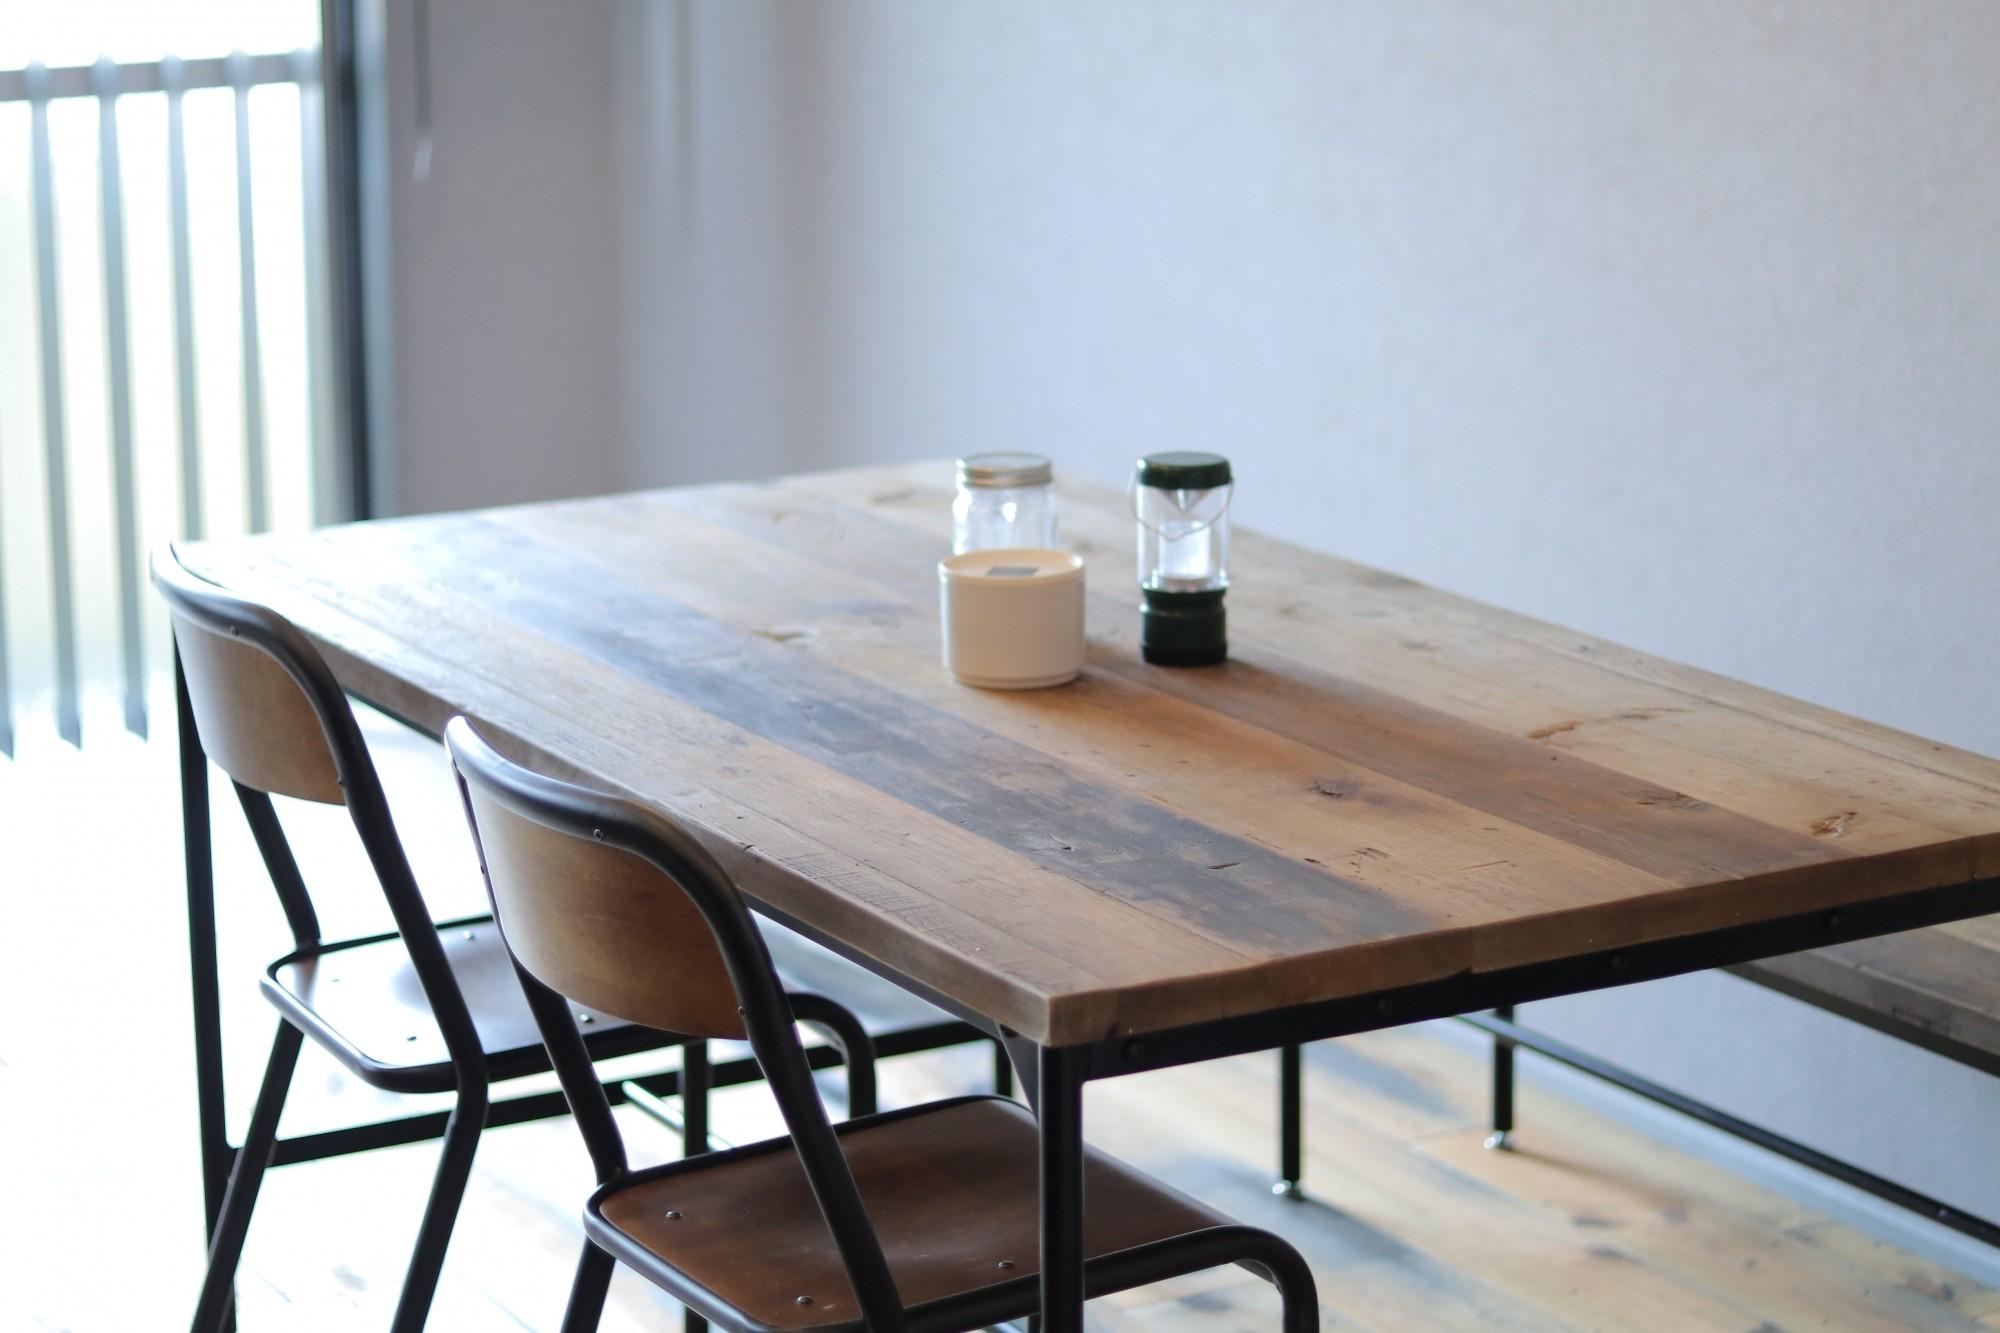 リビングダイニング事例:ダイニングテーブル(天然素材と室内窓が創る空間)